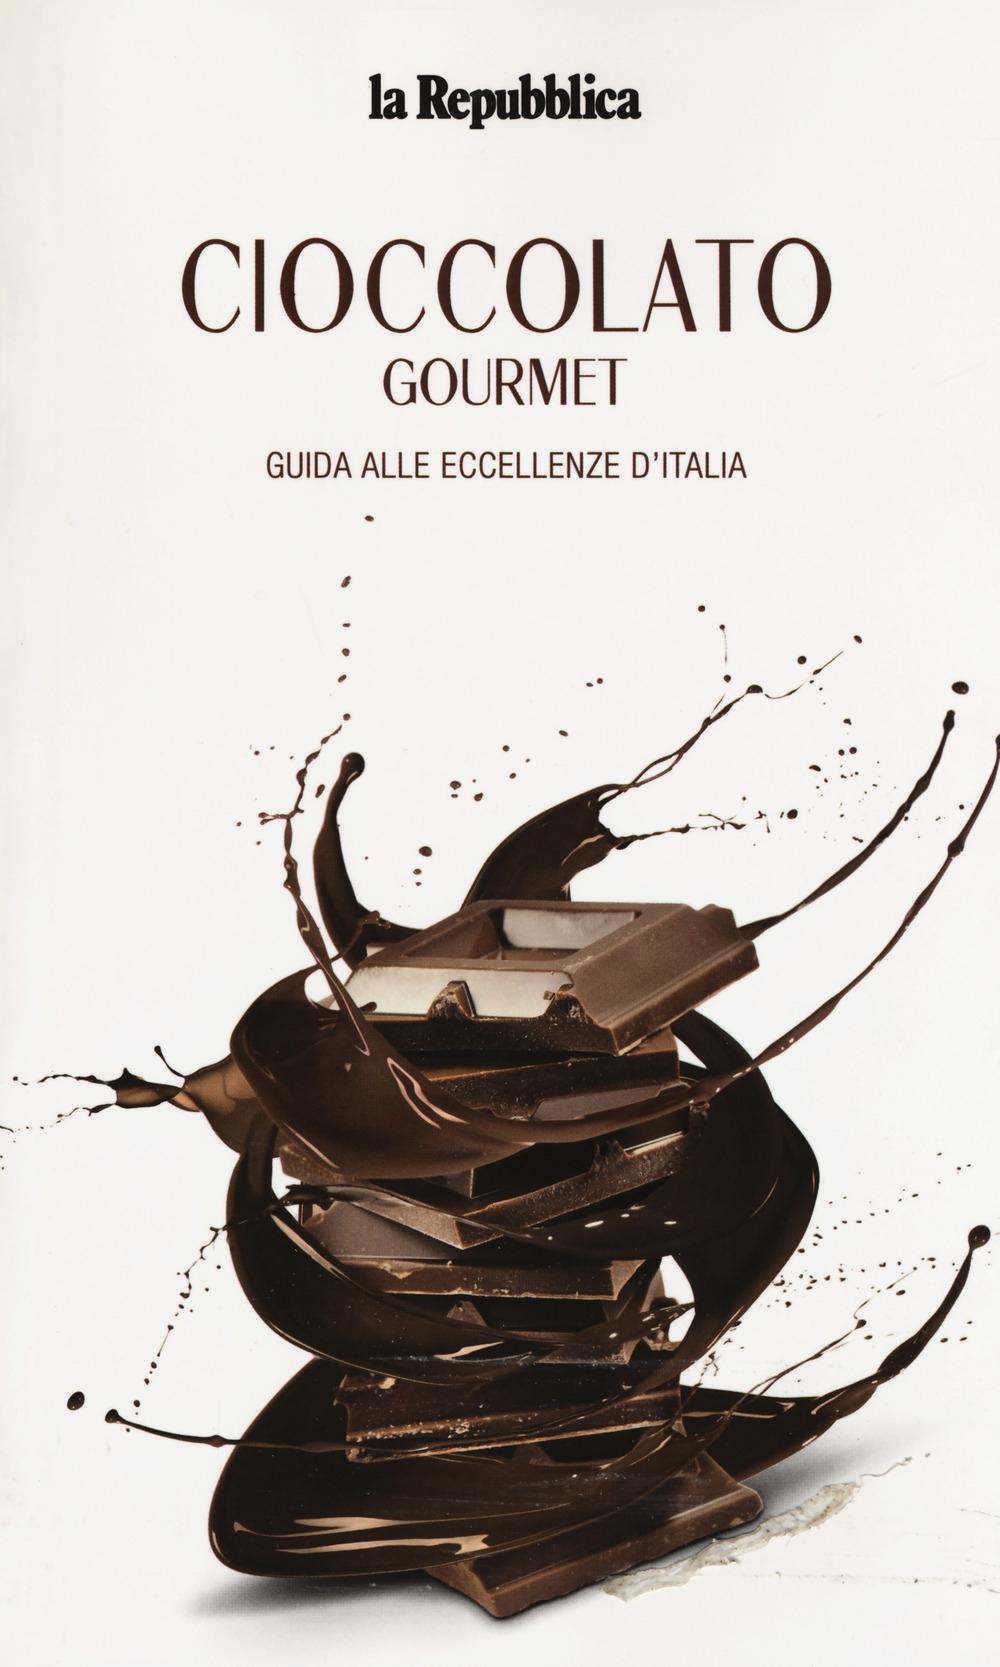 Cioccolato gourmet. Guida alle eccellenze d'Italia